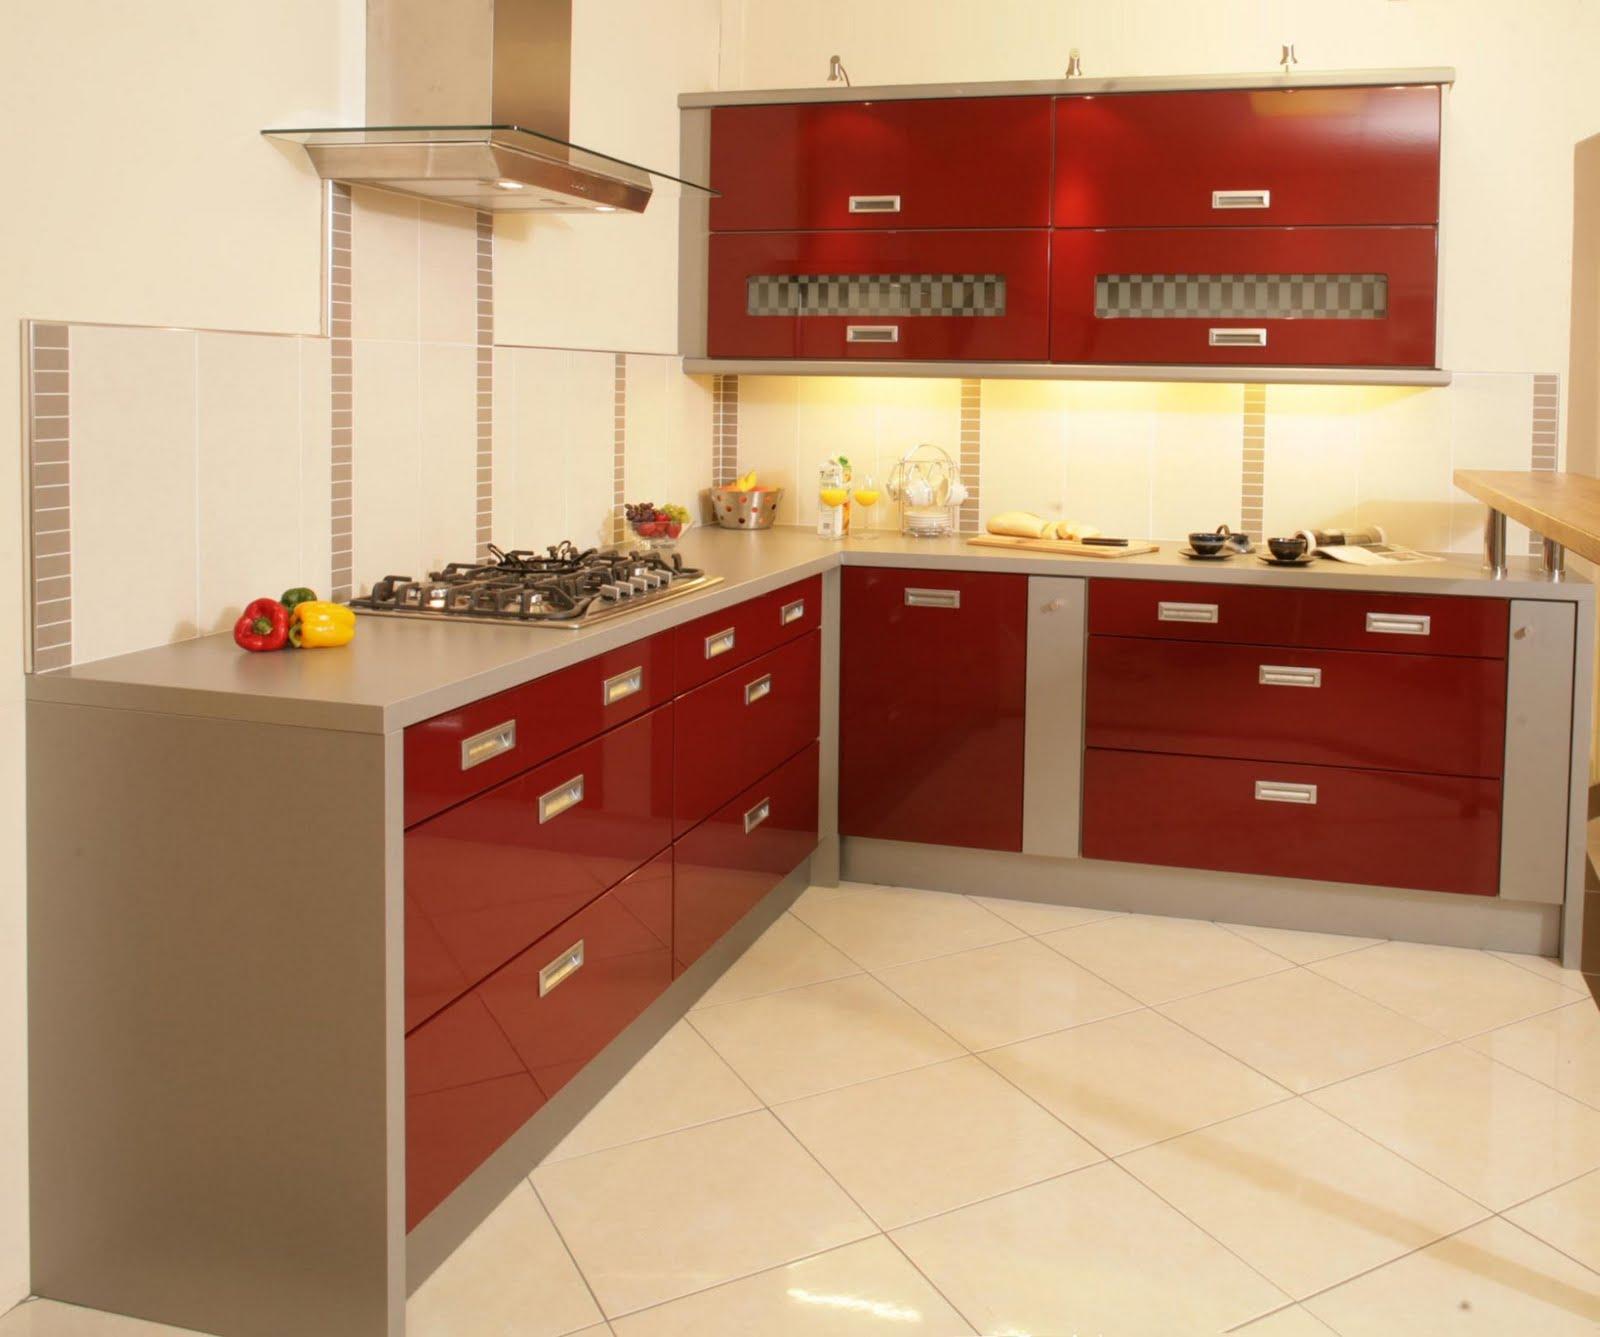 meuble-de-cuisine-simple-design-meuble-de-cuisine-simple-idees-de-cuisine-rouge-idees-de-cuisine-rouge-idees-de-cuisine-rouge